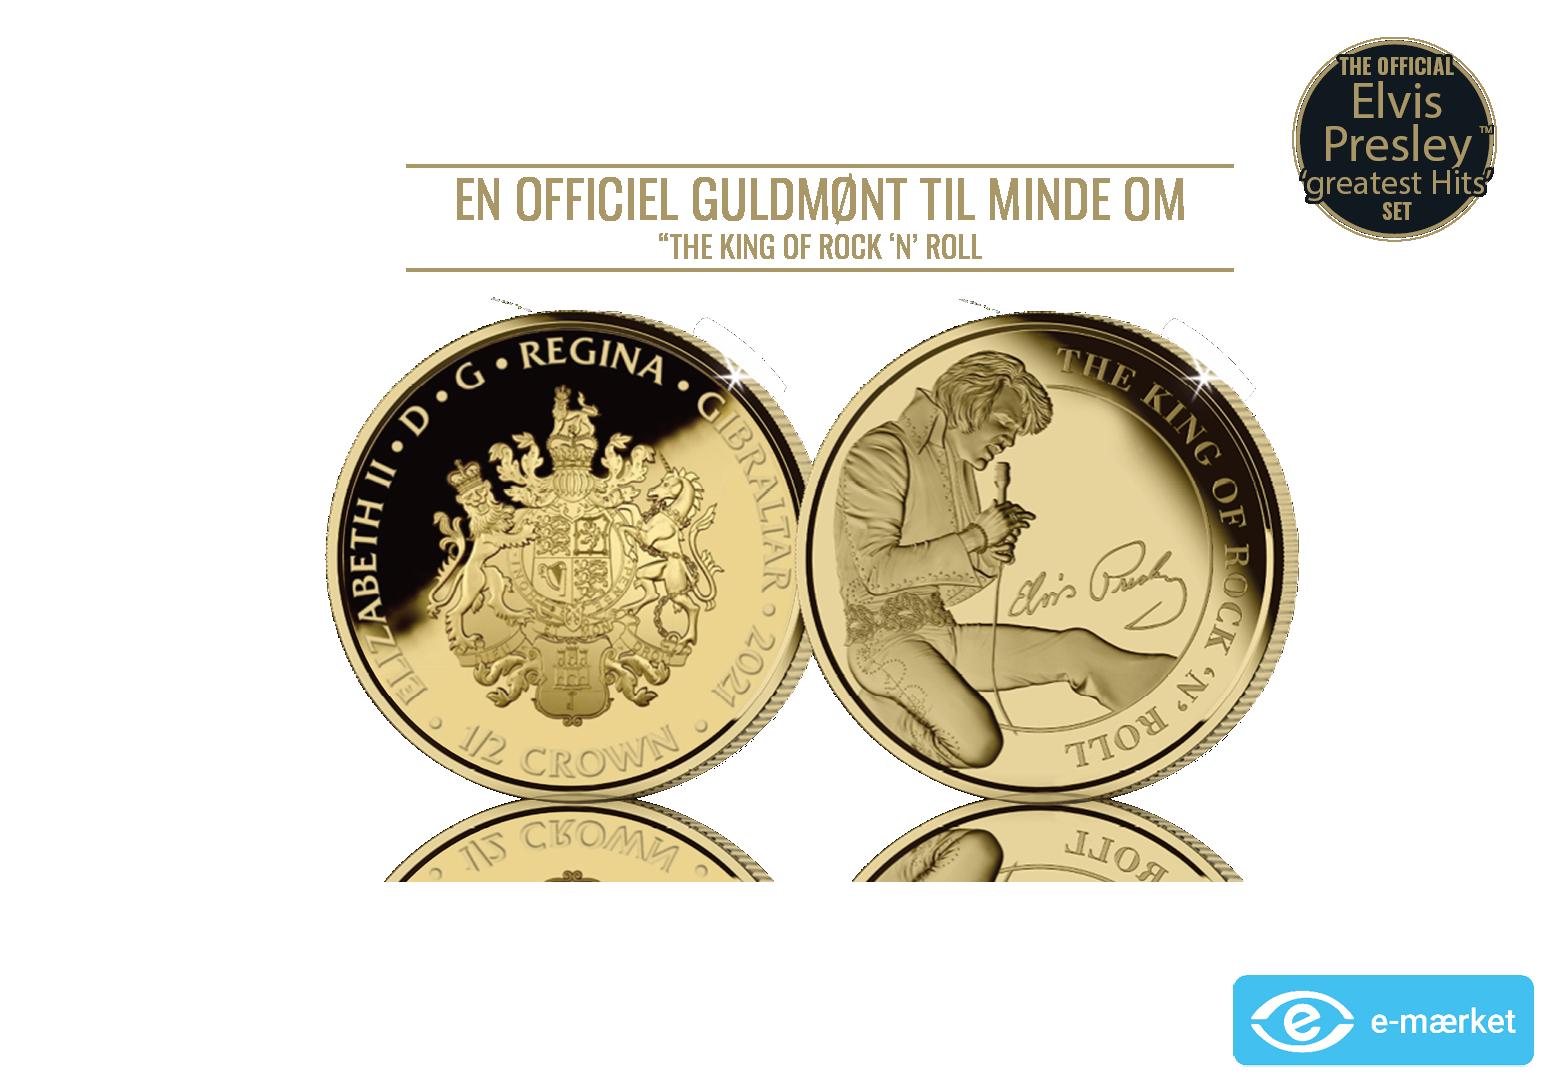 24 karat guldmønt - The King of Rock 'n' Roll eksklusiv 1/2 oz guldmønt